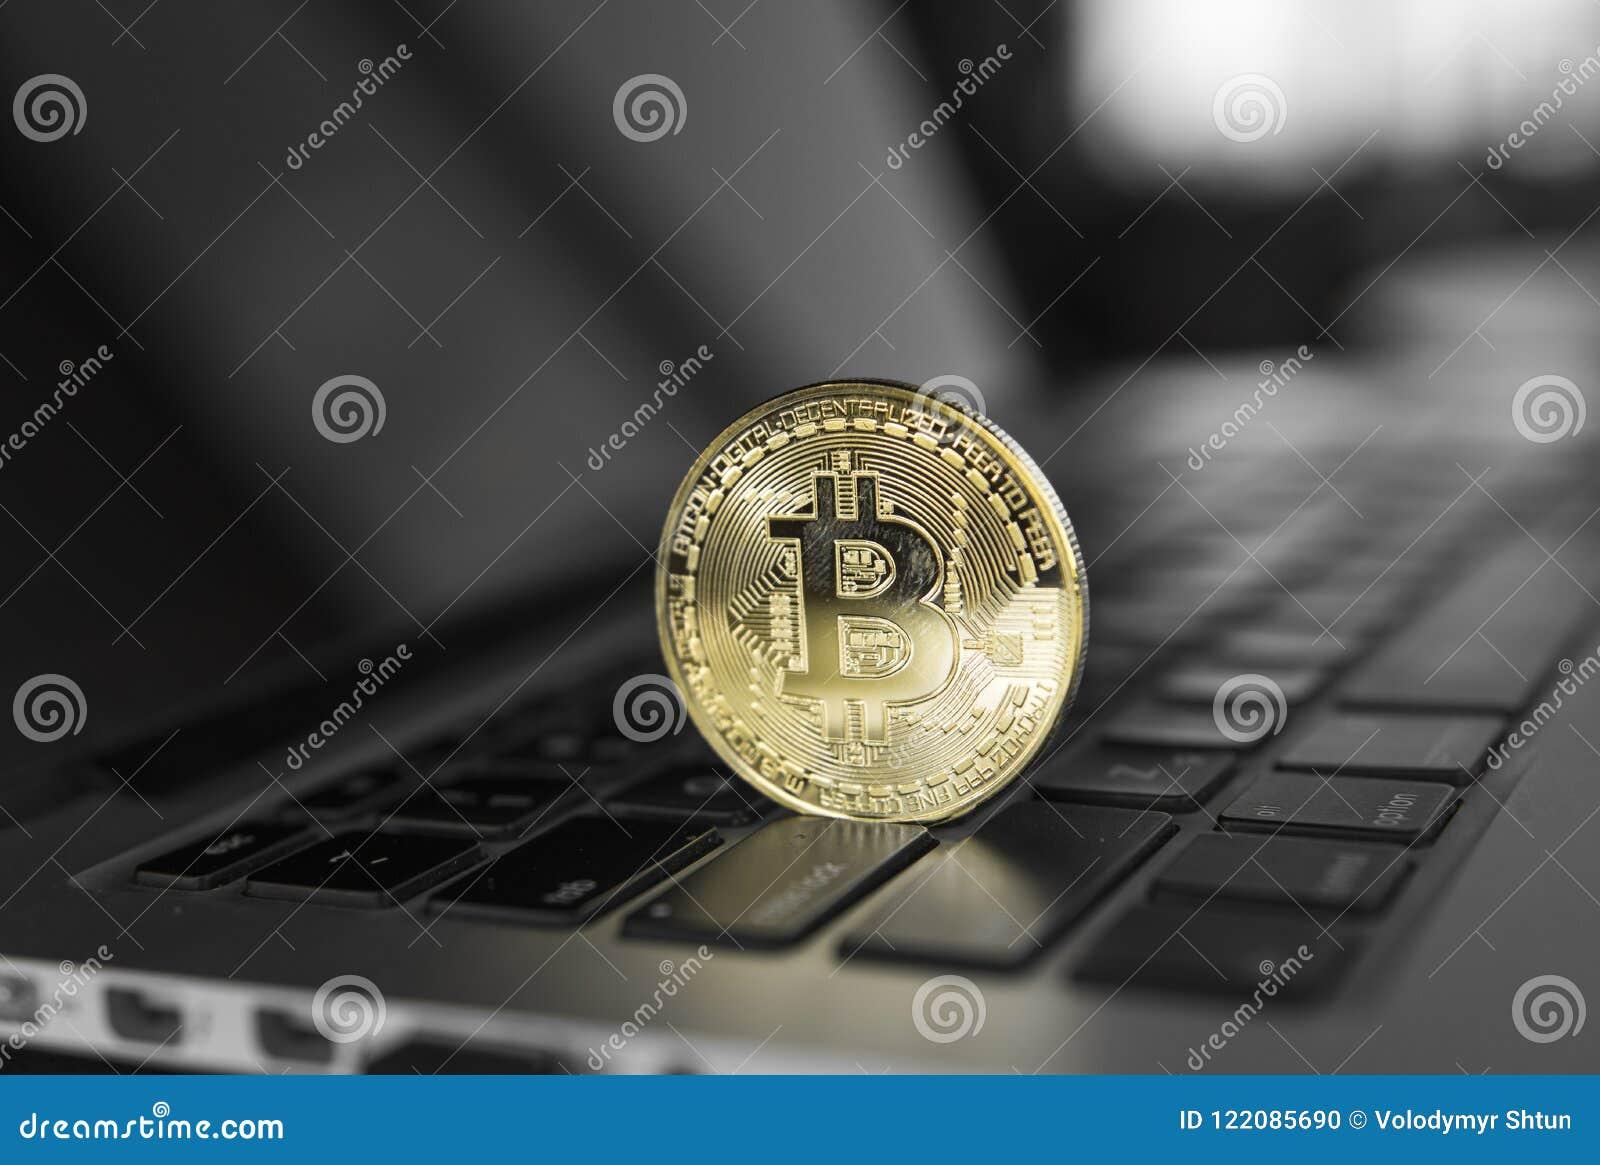 Guld- Bitcoin crypto mynt på ett bärbar datortangentbord Utbyte affär, reklamfilm Vinst från att bryta kryptavalutor